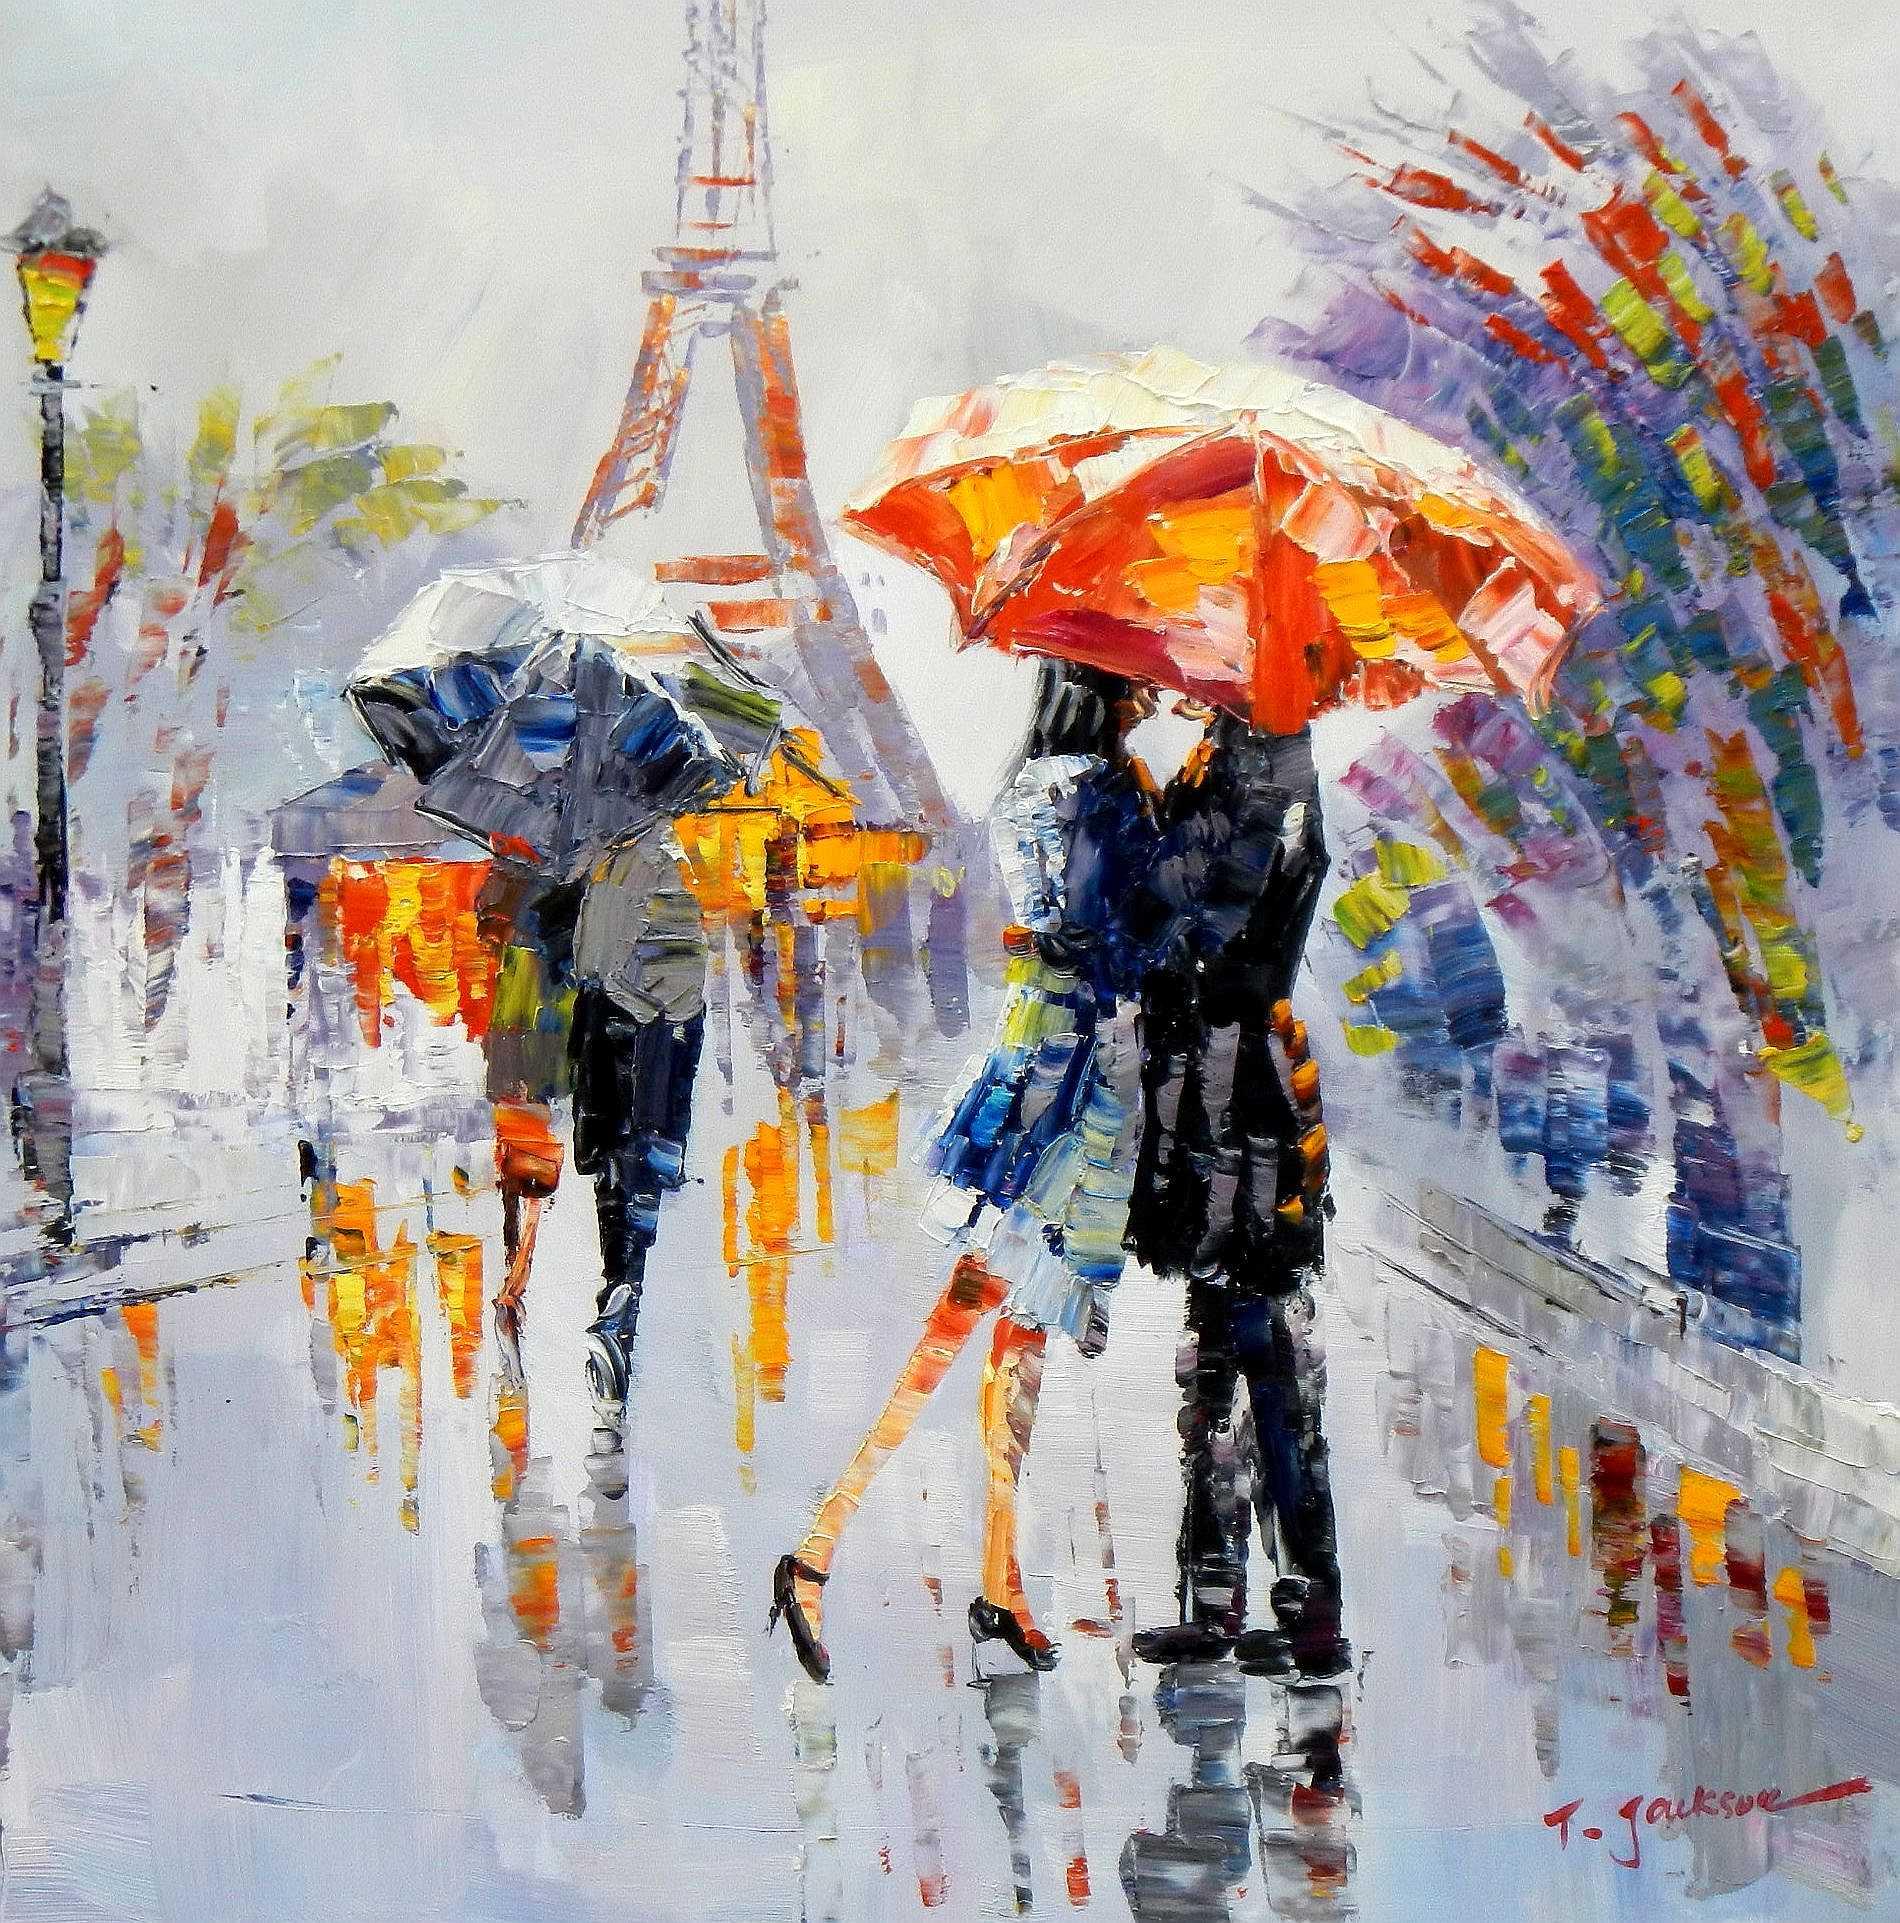 Modern Art - Umbrella love g95247 80x80cm modernes Ölgemälde